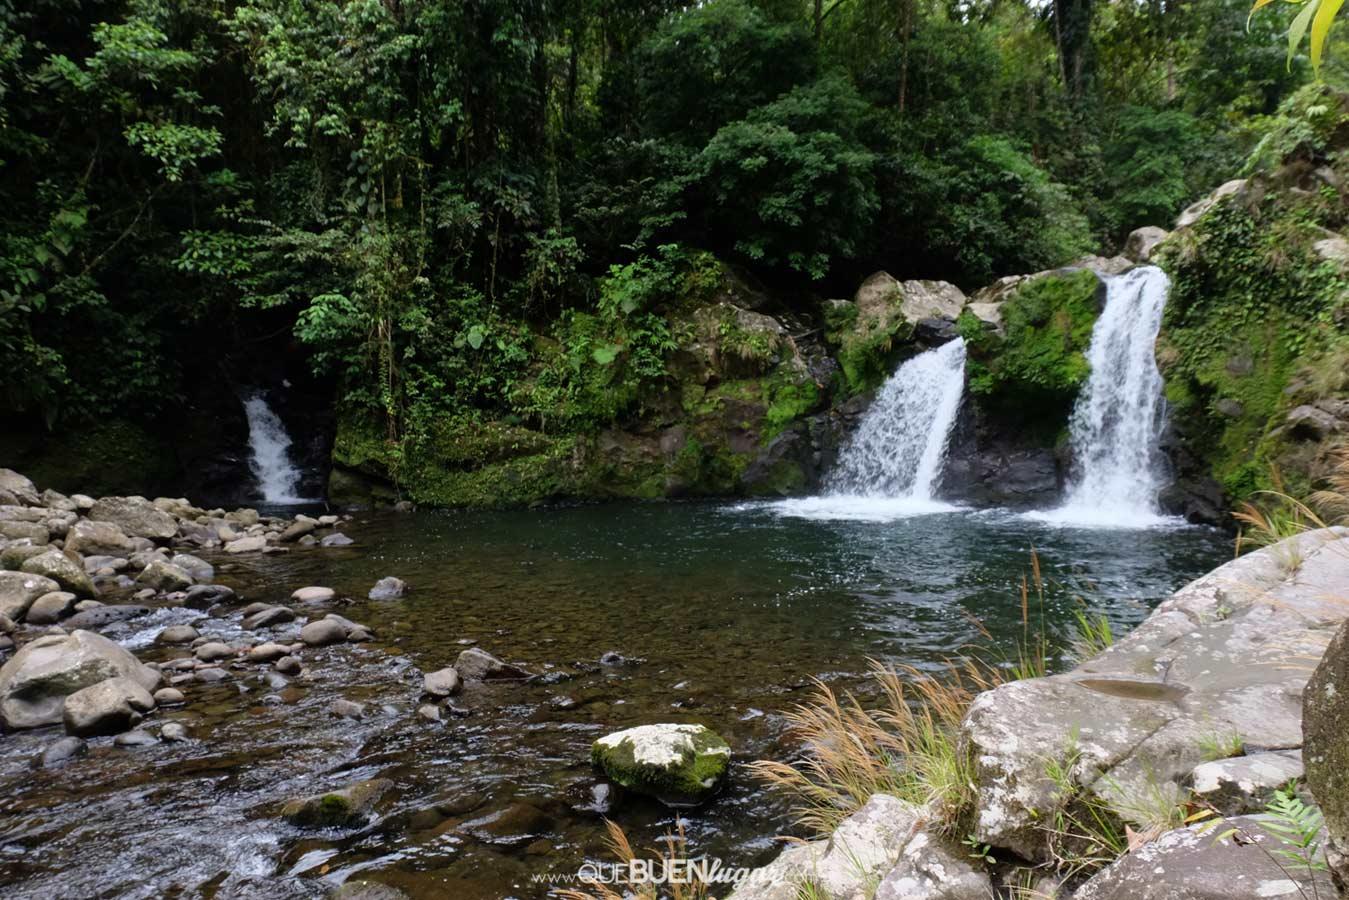 Catarata Río Perla - Qué Buen Lugar